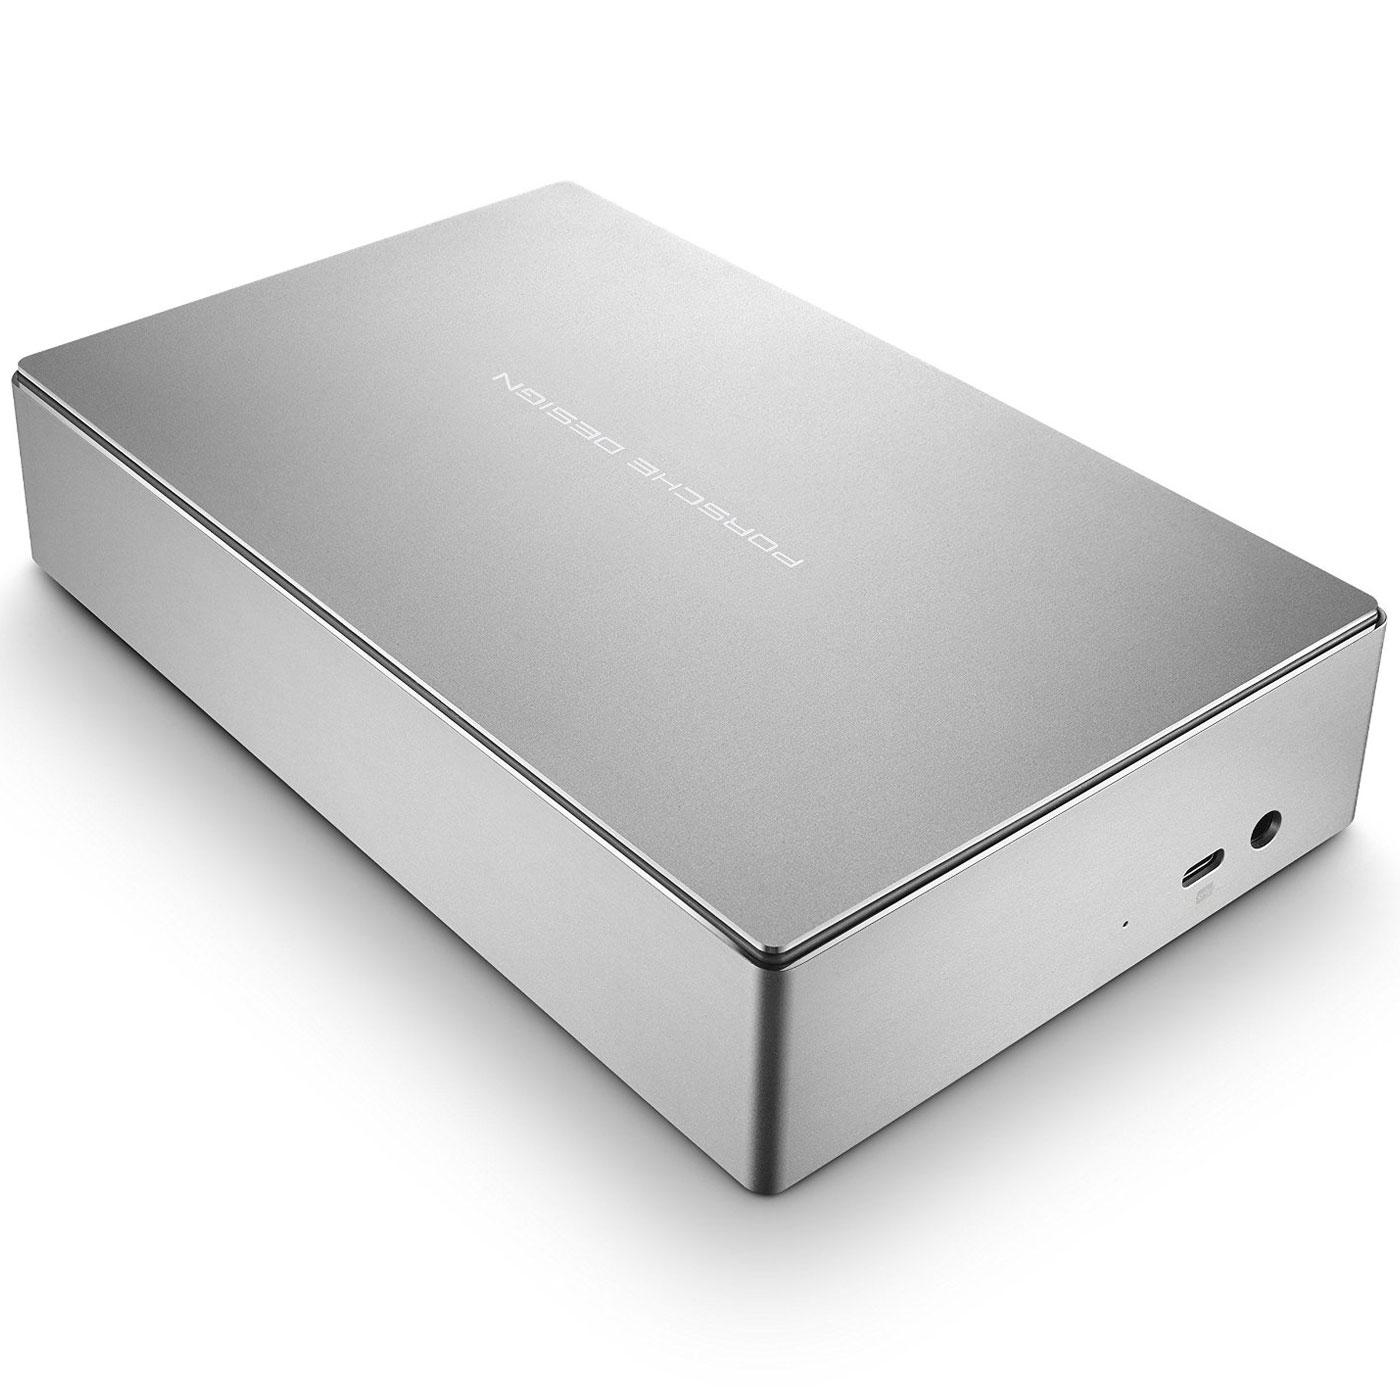 lacie porsche design desktop drive 4 to usb 3 1 disque dur externe lacie sur. Black Bedroom Furniture Sets. Home Design Ideas